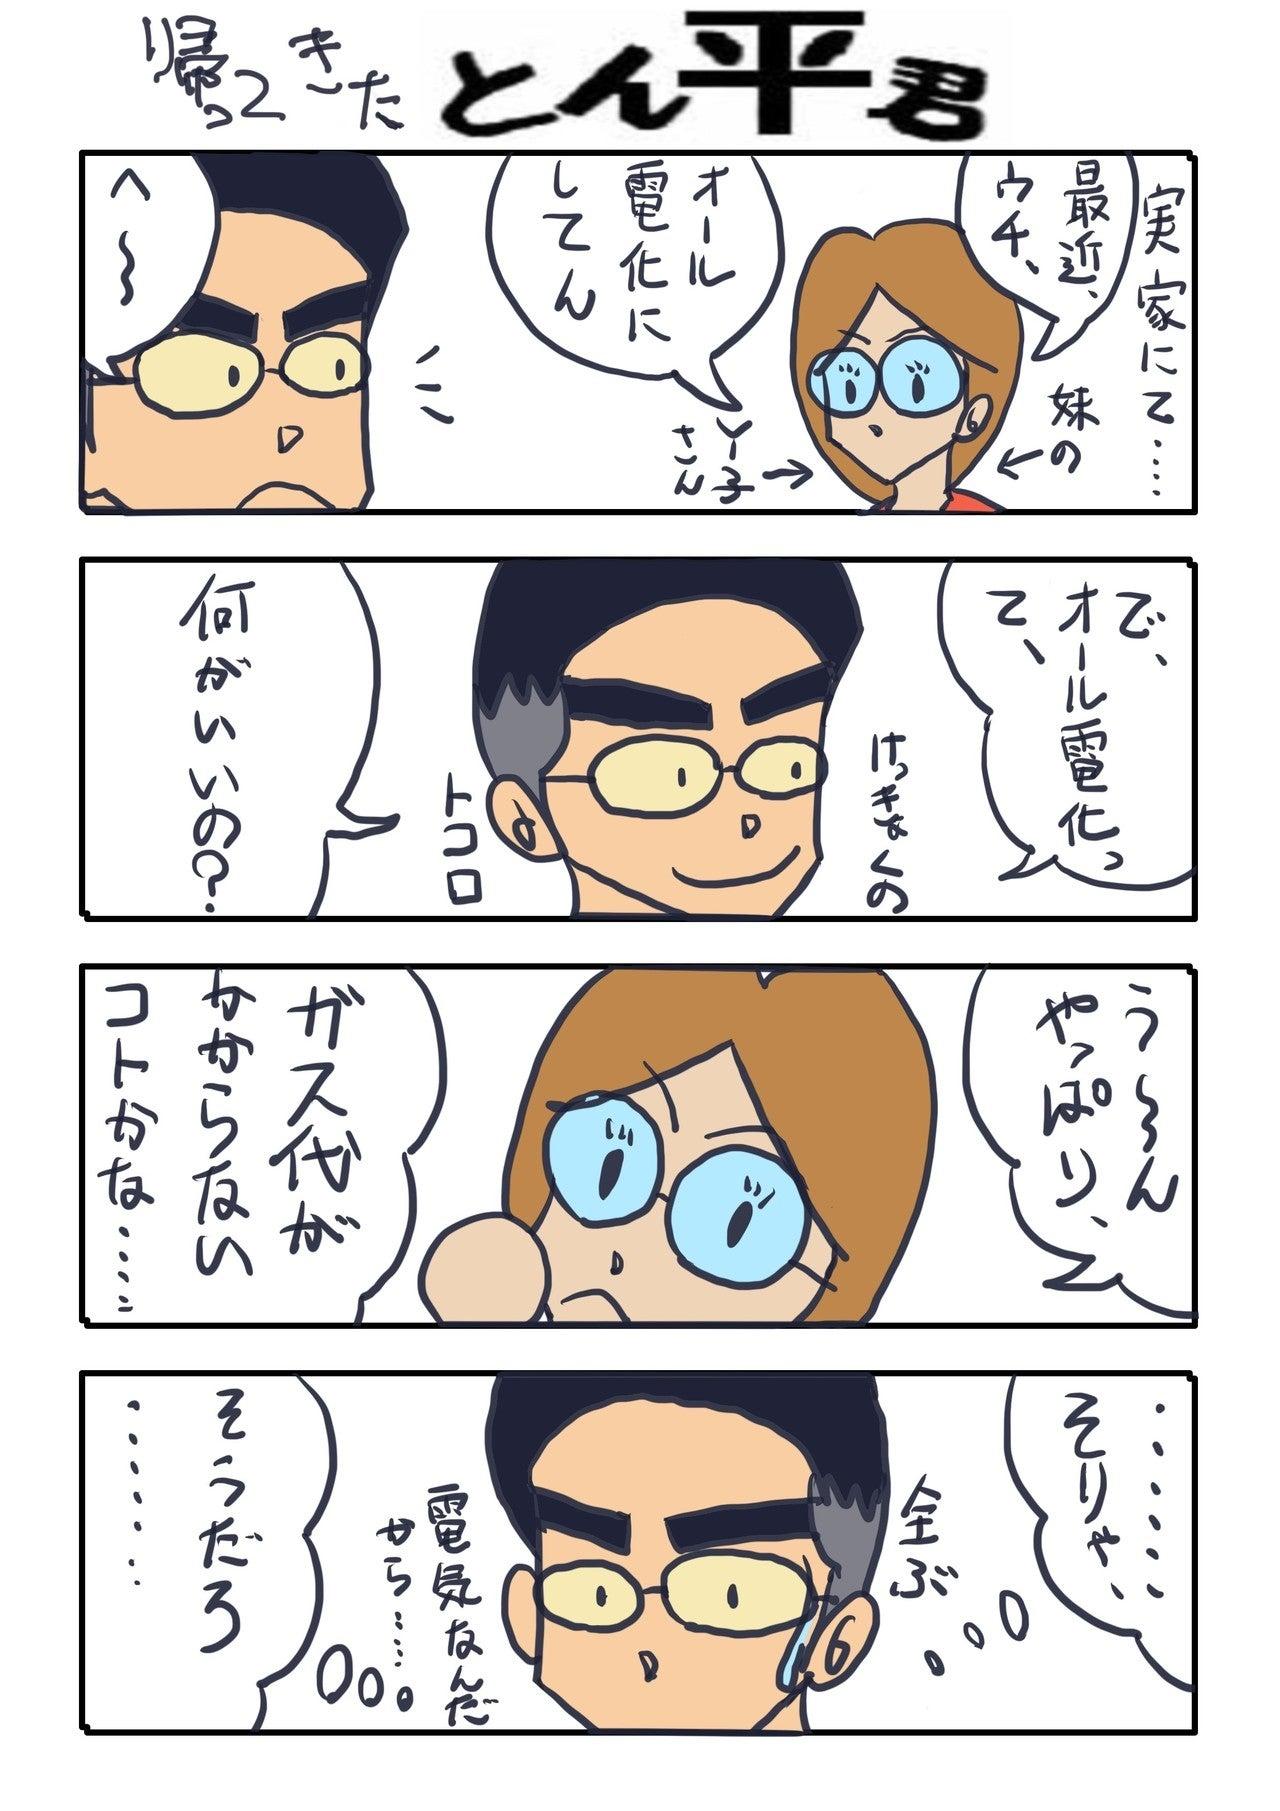 帰ってきたとん平君No.2